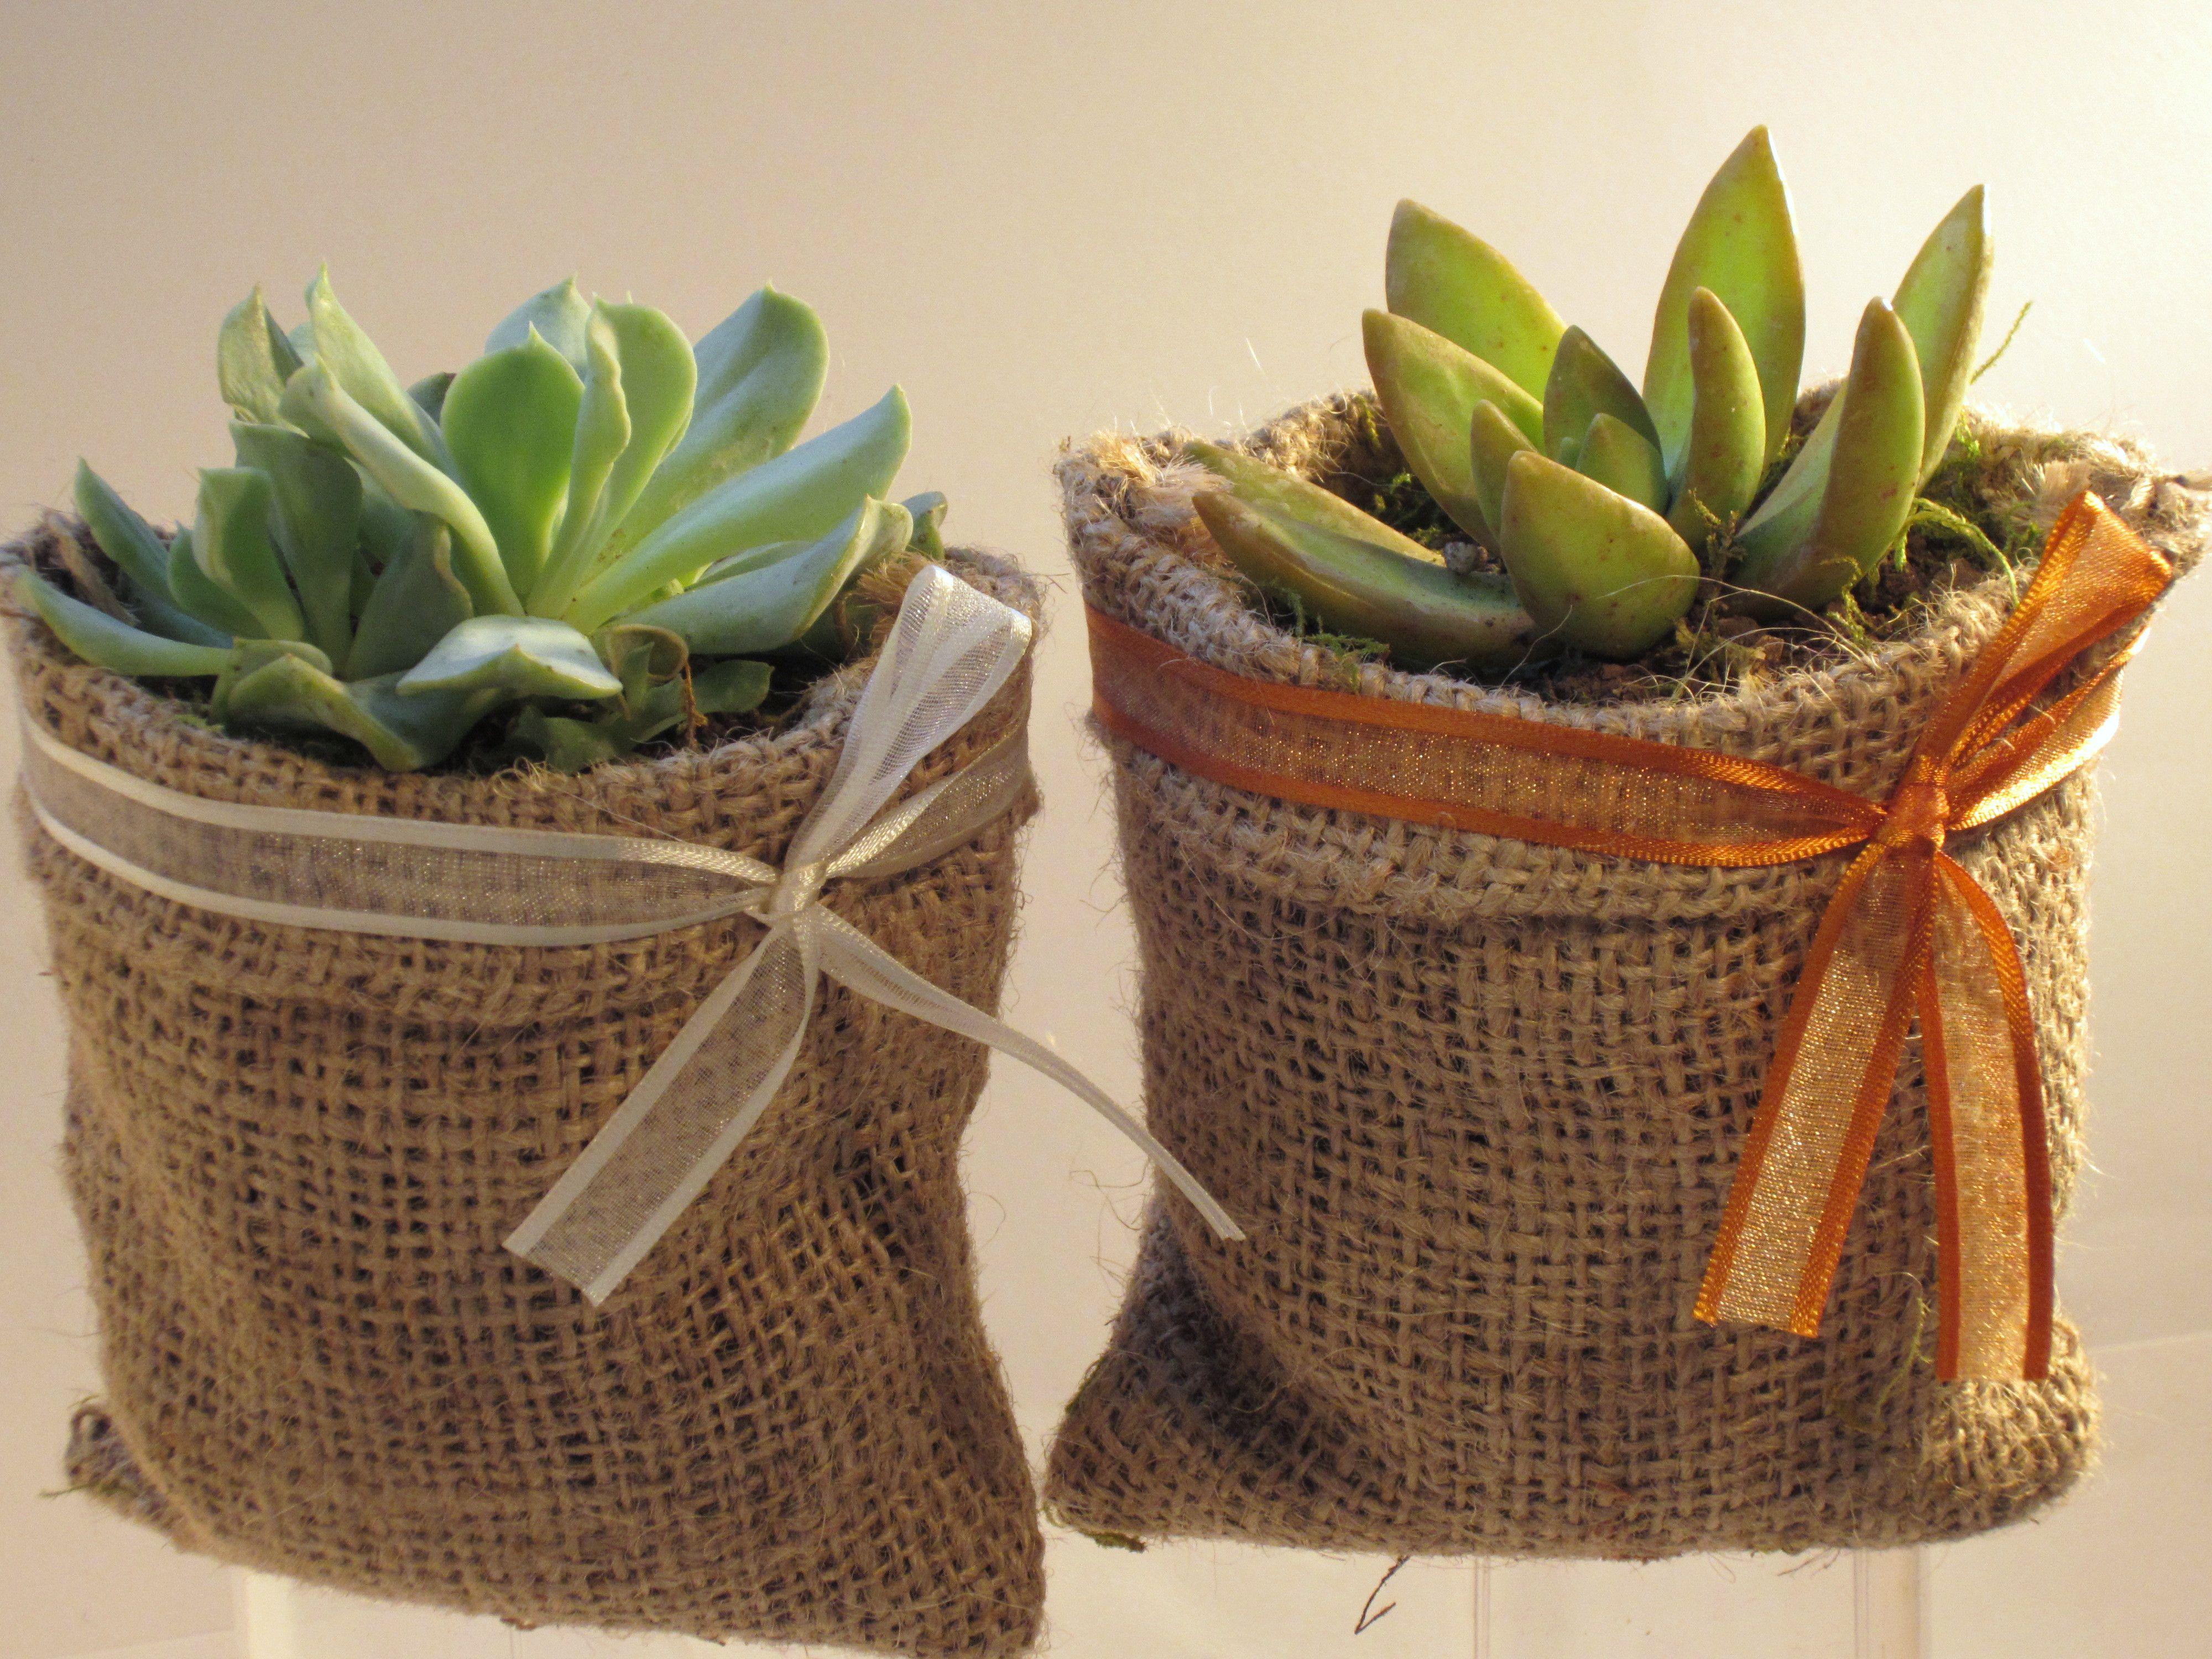 Duo de suculentas en maceta de arpillera bautizo - Cactus en macetas pequenas ...